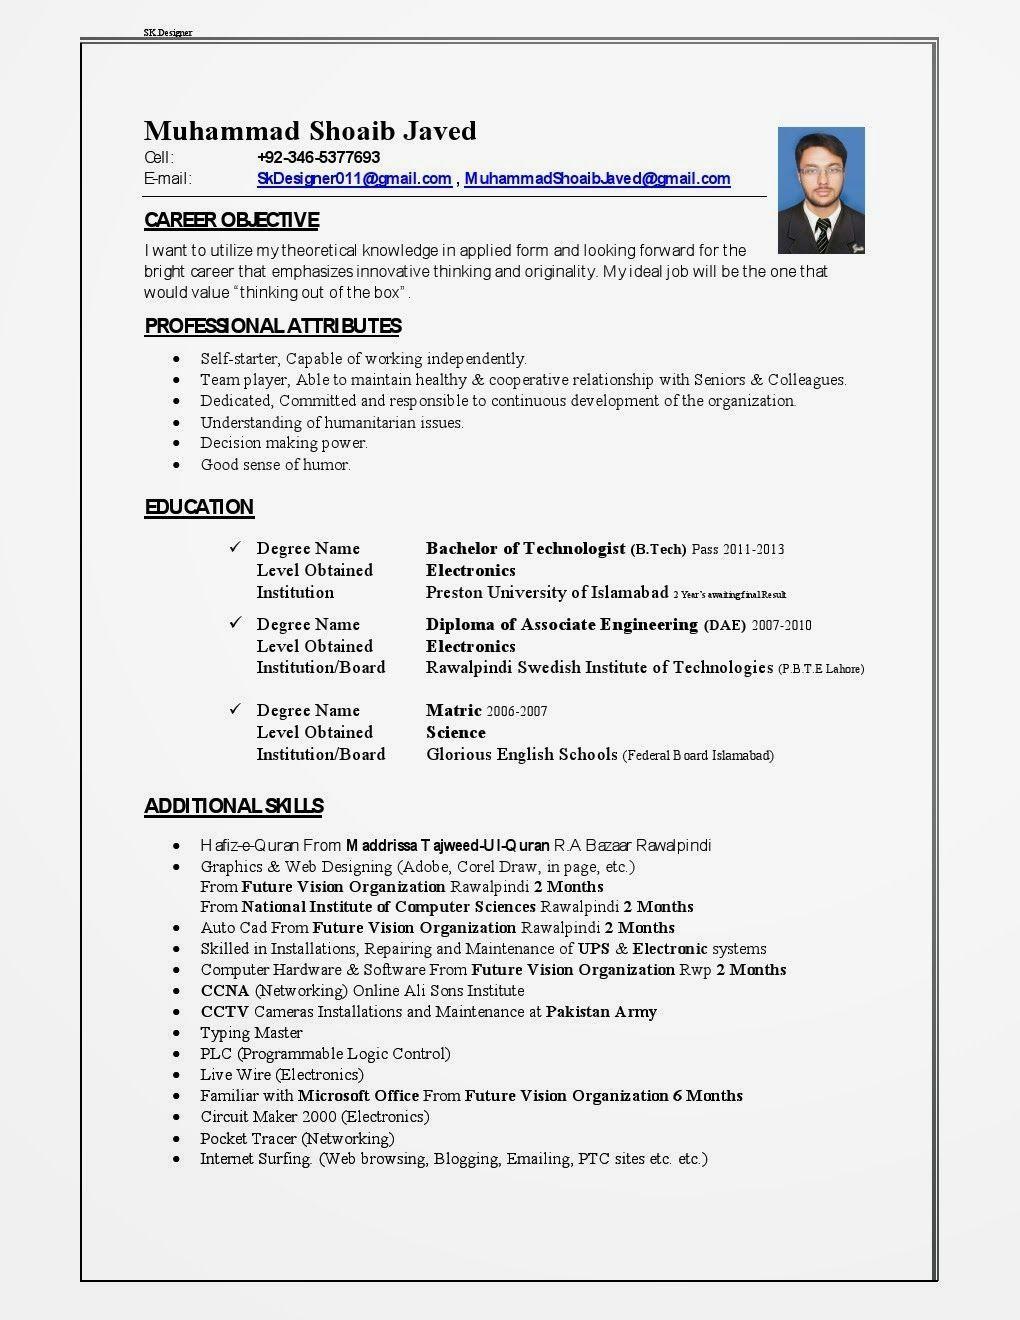 Cv Template Qatar Best resume template, Cv template, Job